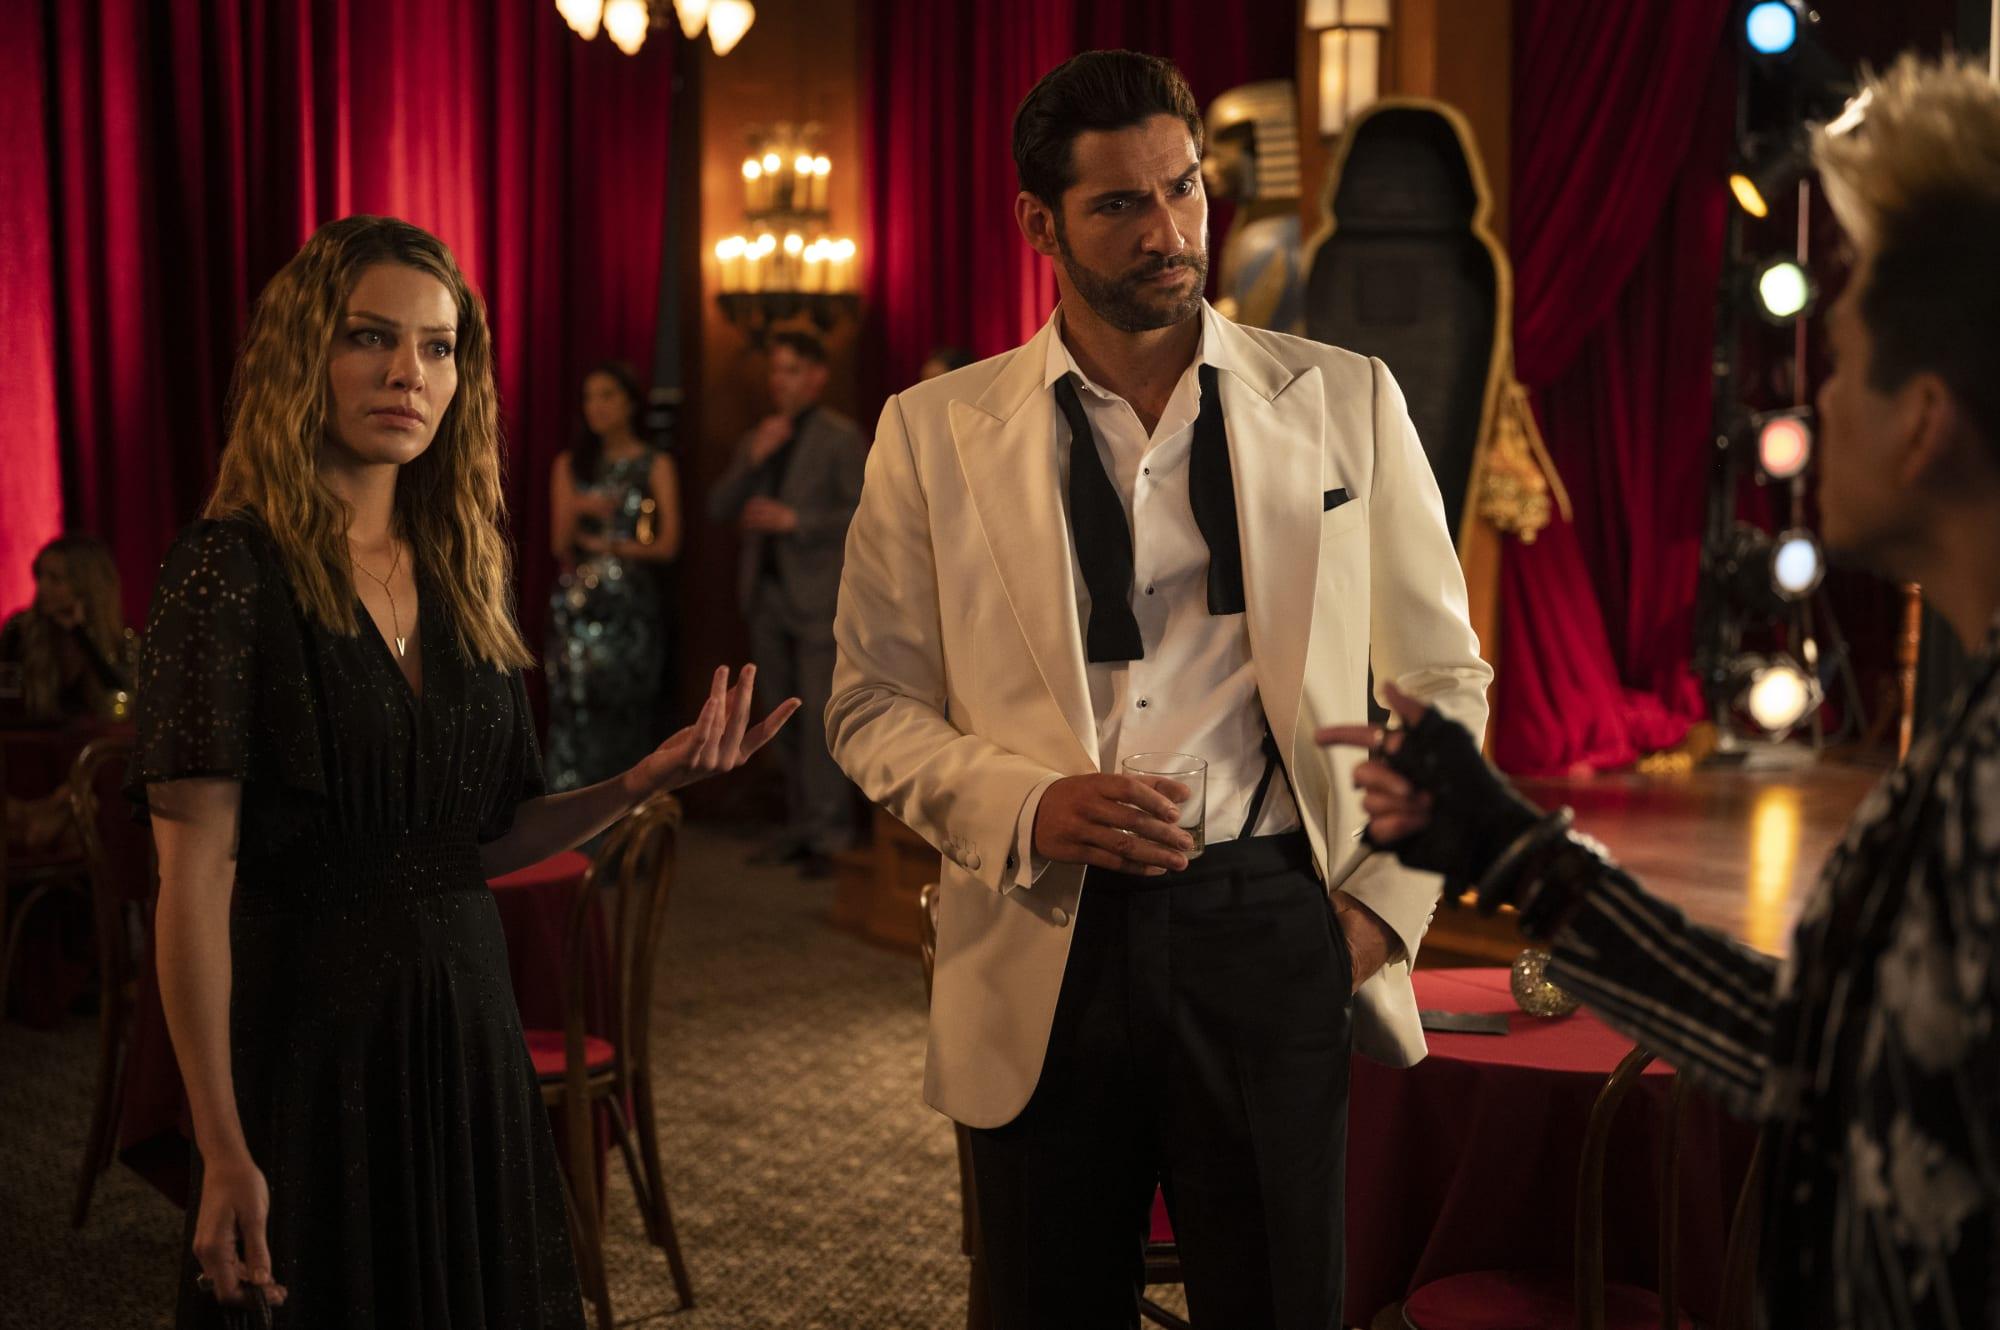 Lucifer saison 6 Heure de sortie sur Netflix?